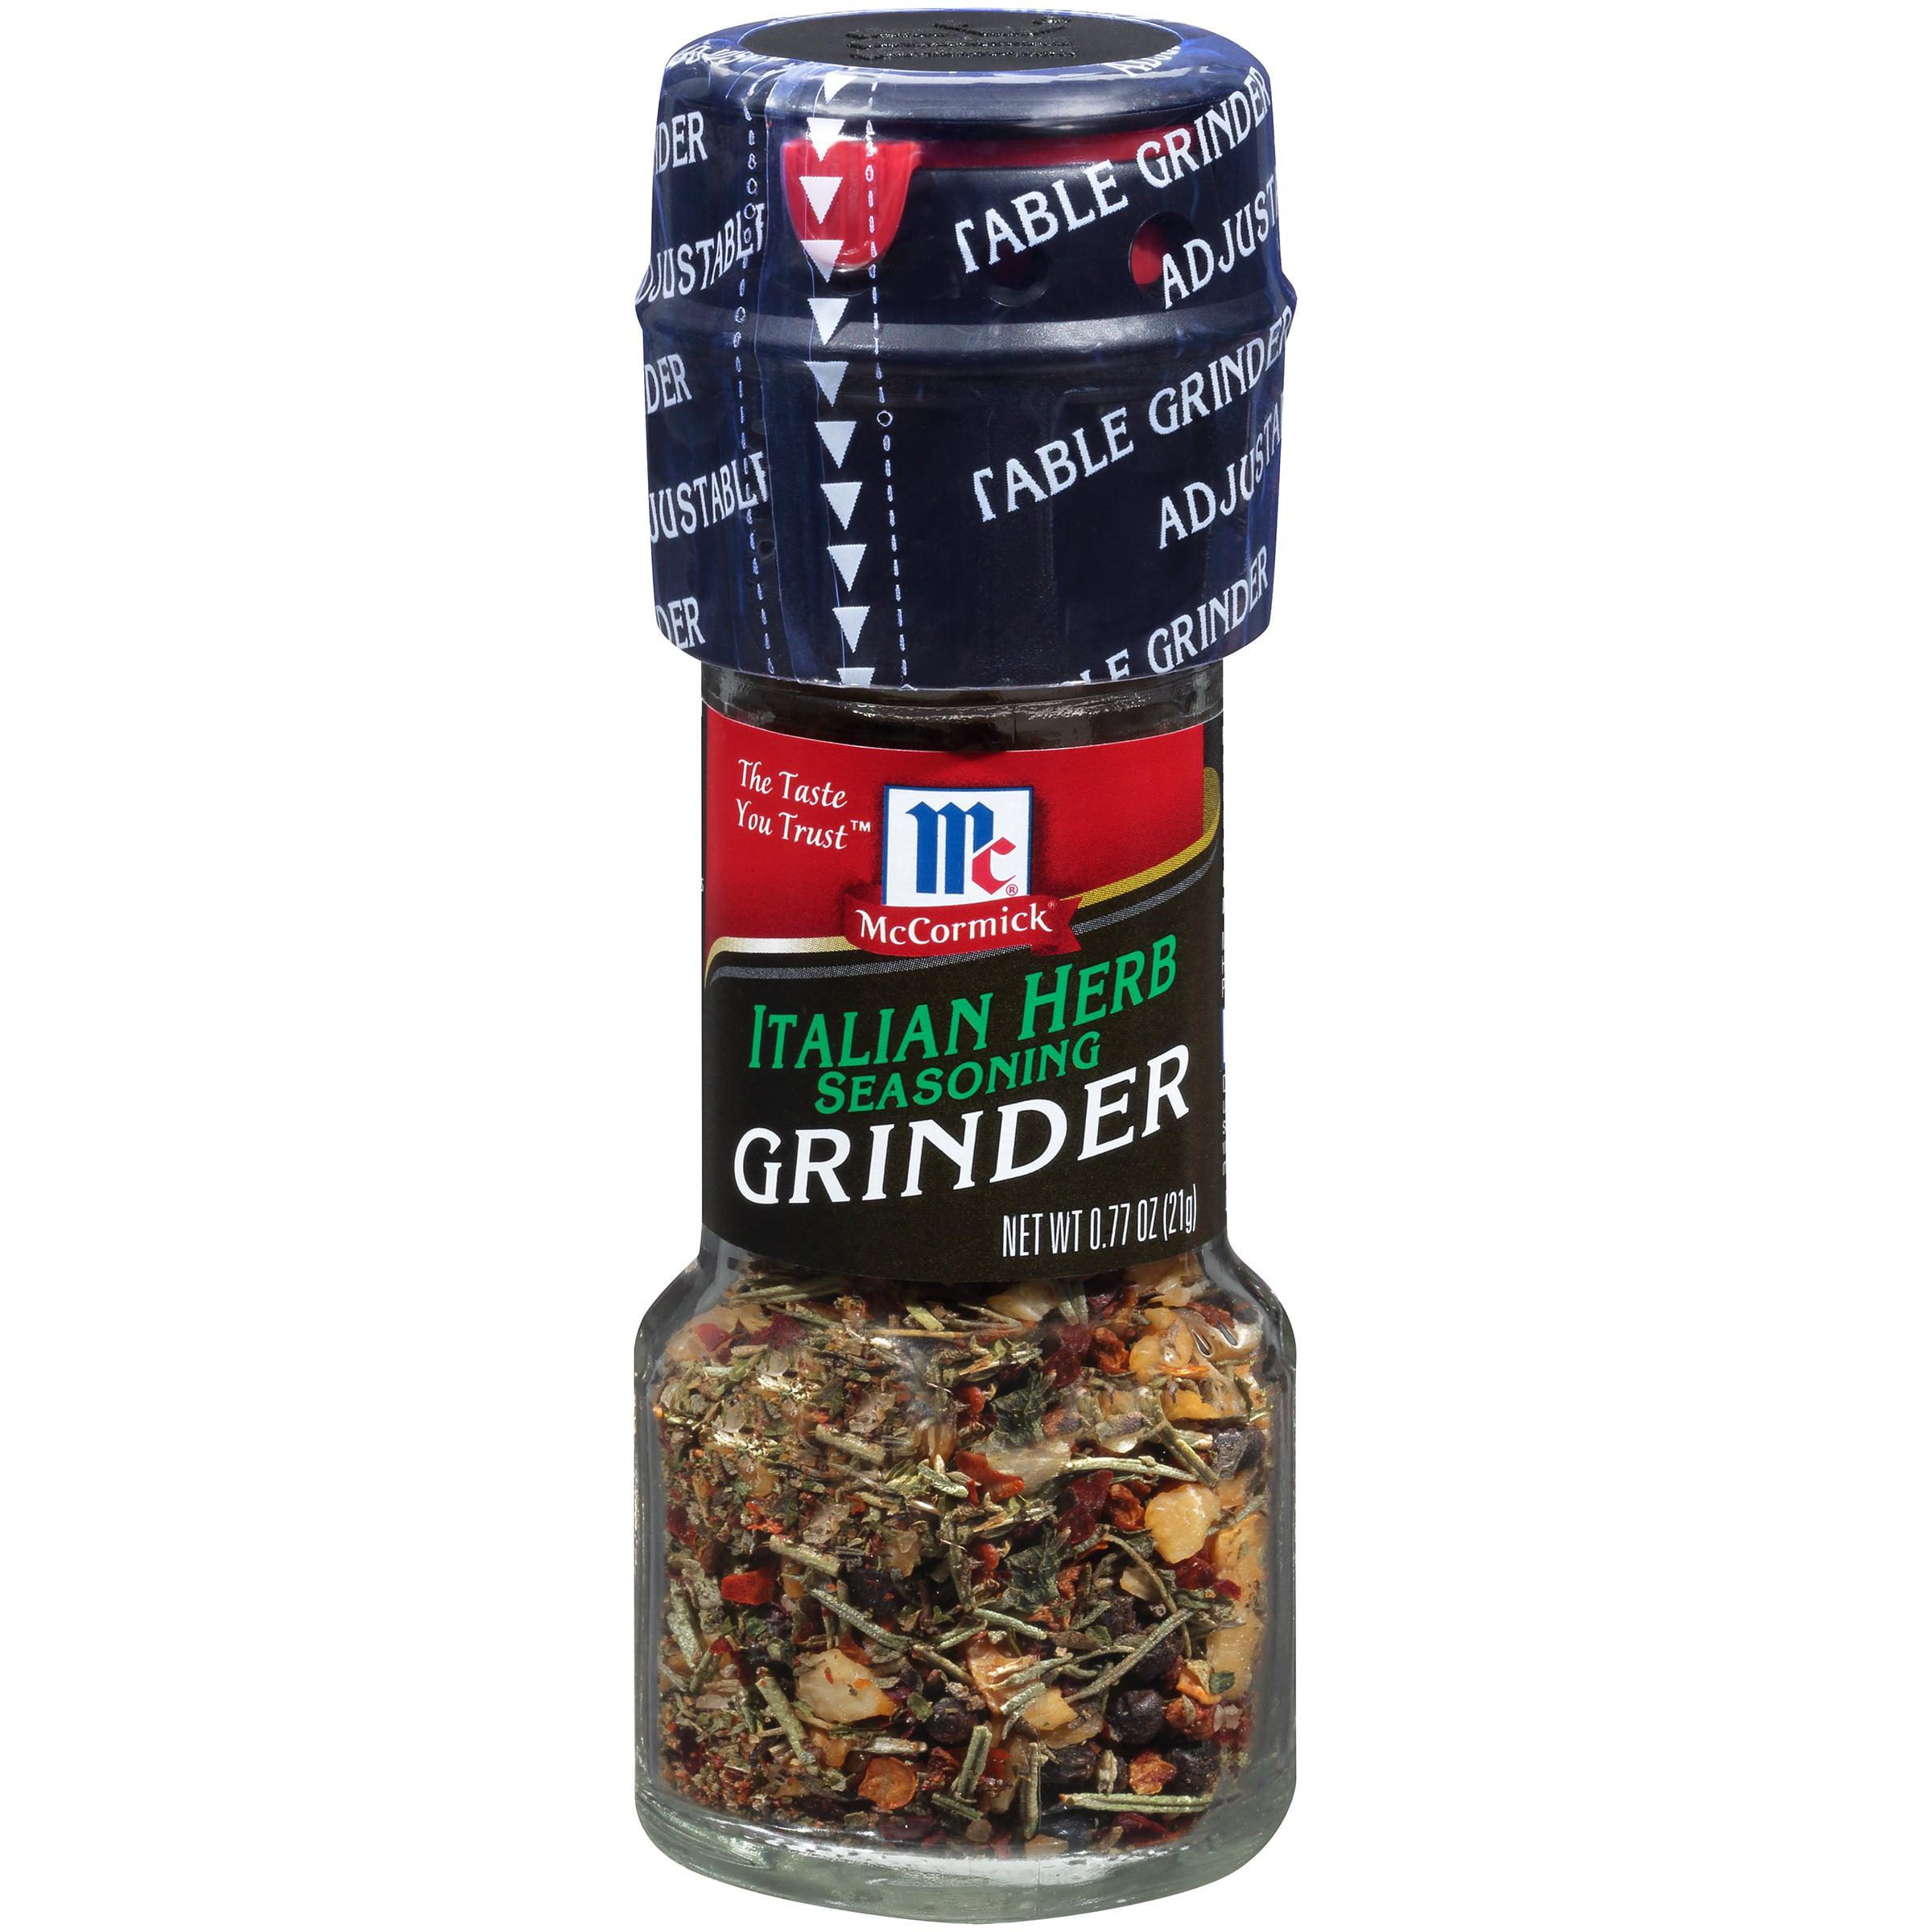 McCormick Italian Herb Seasoning Grinders, 0.77 oz